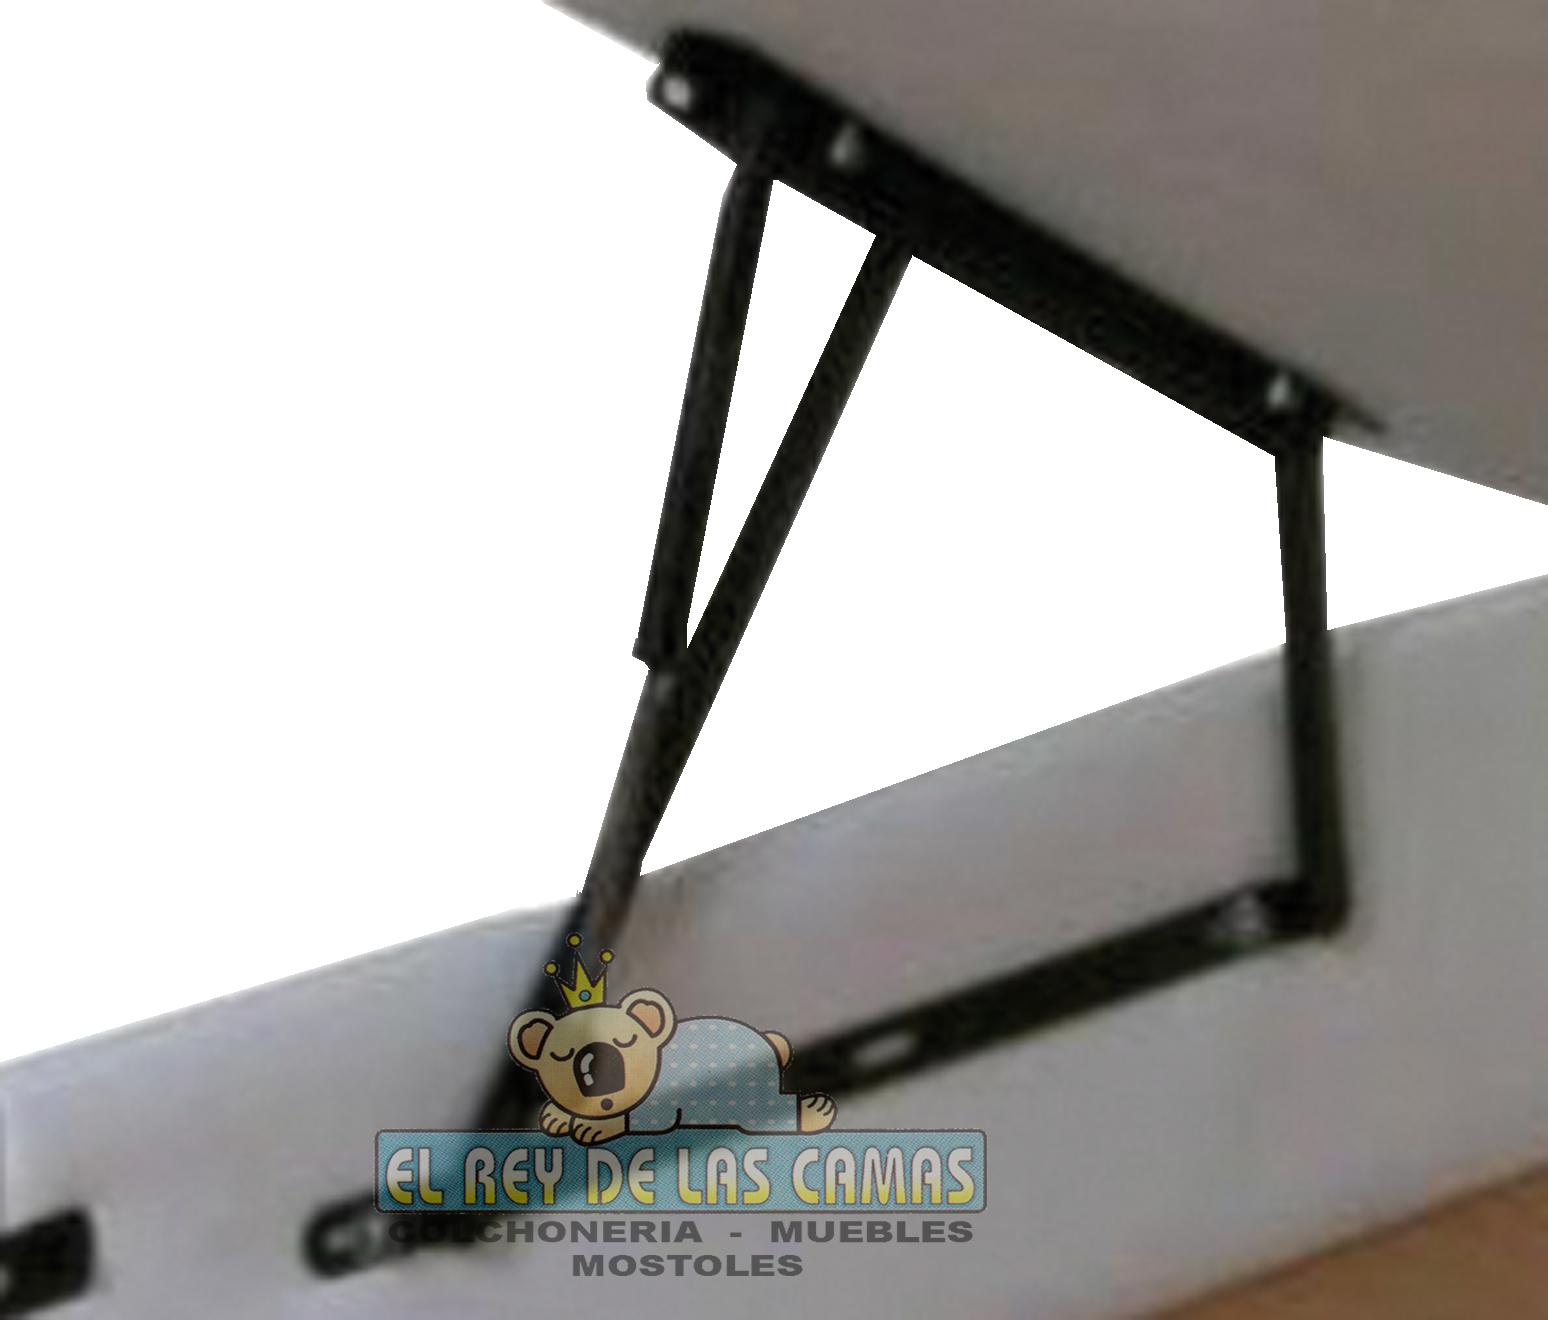 Canape Abatible Maxi-box | El Rey de las Camas | Colchonería - Muebles